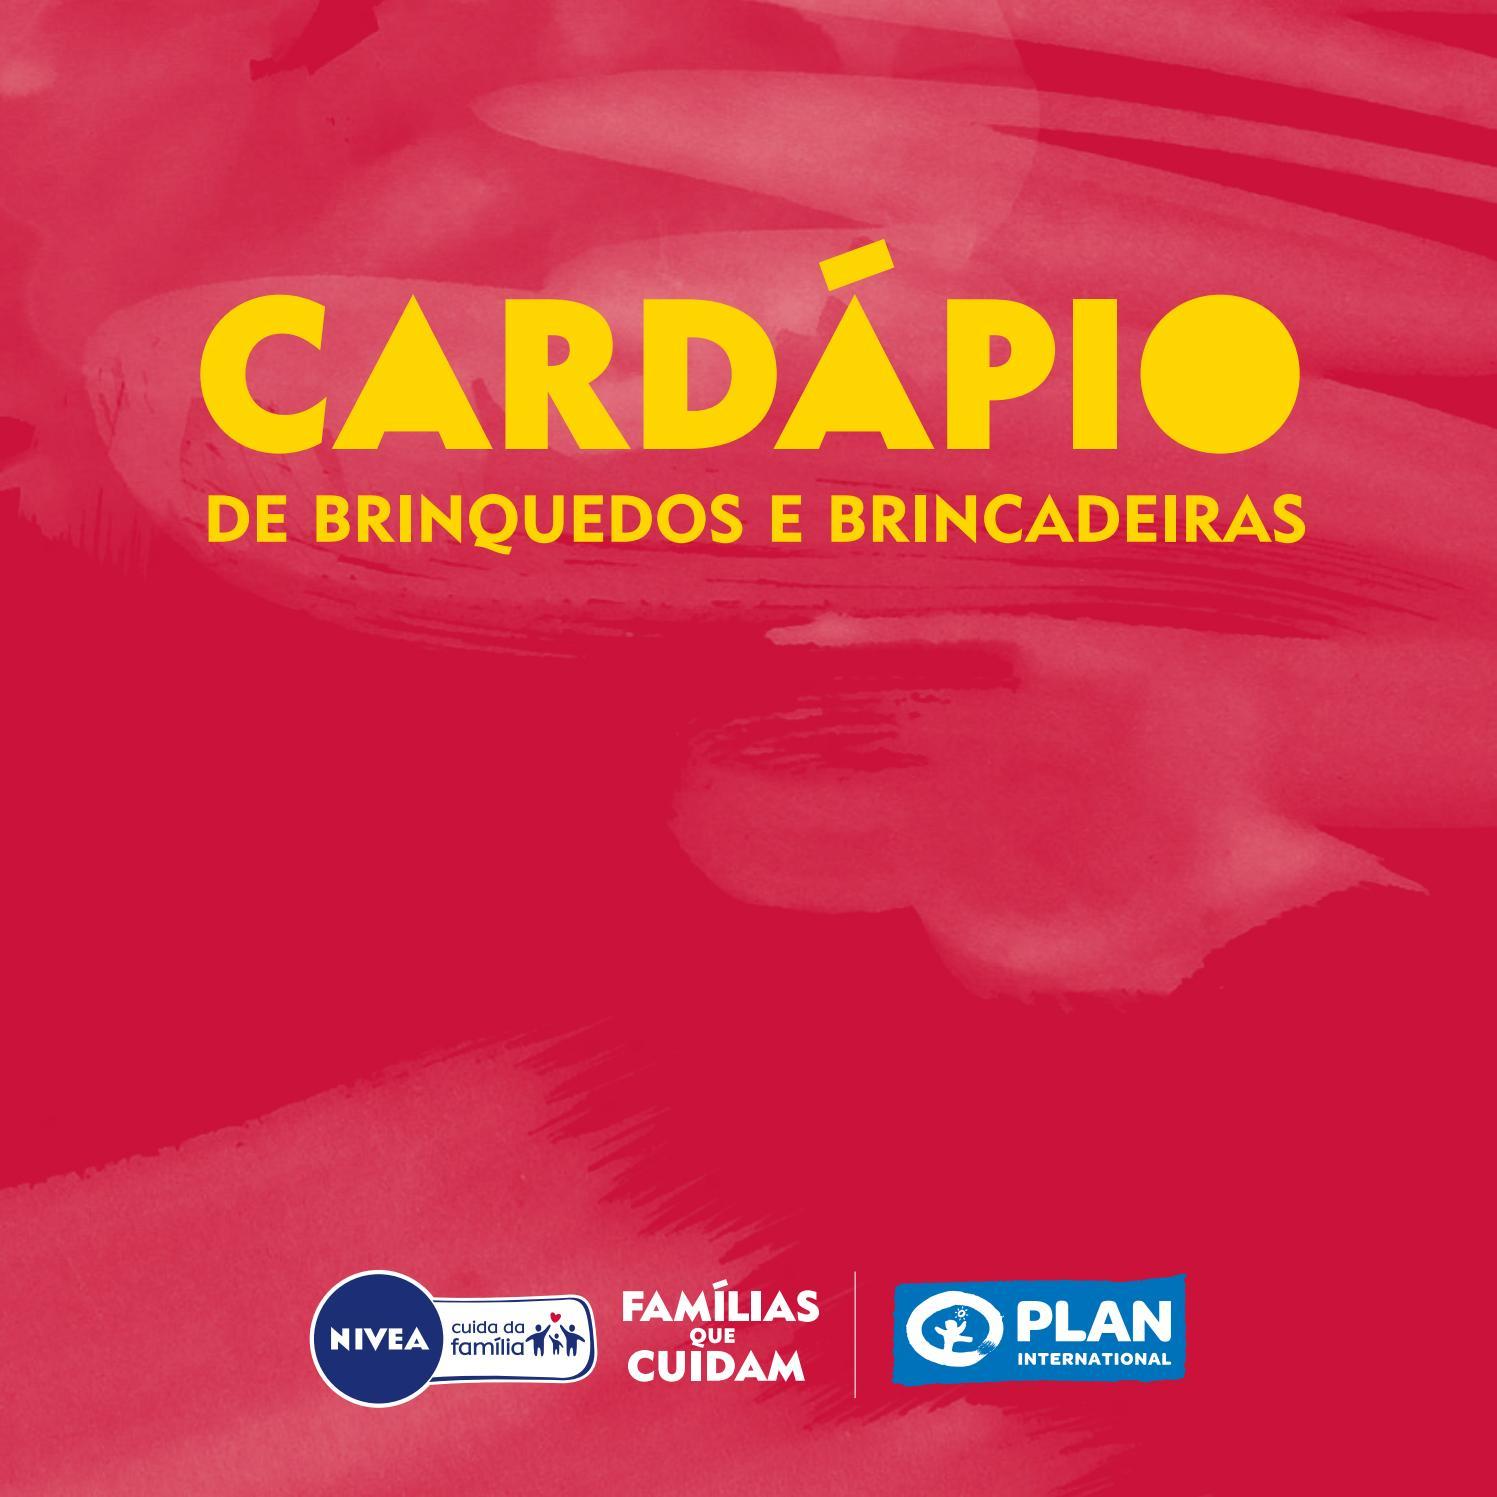 Cardápio De Brinquedos E Brincadeiras By Plan International Brasil